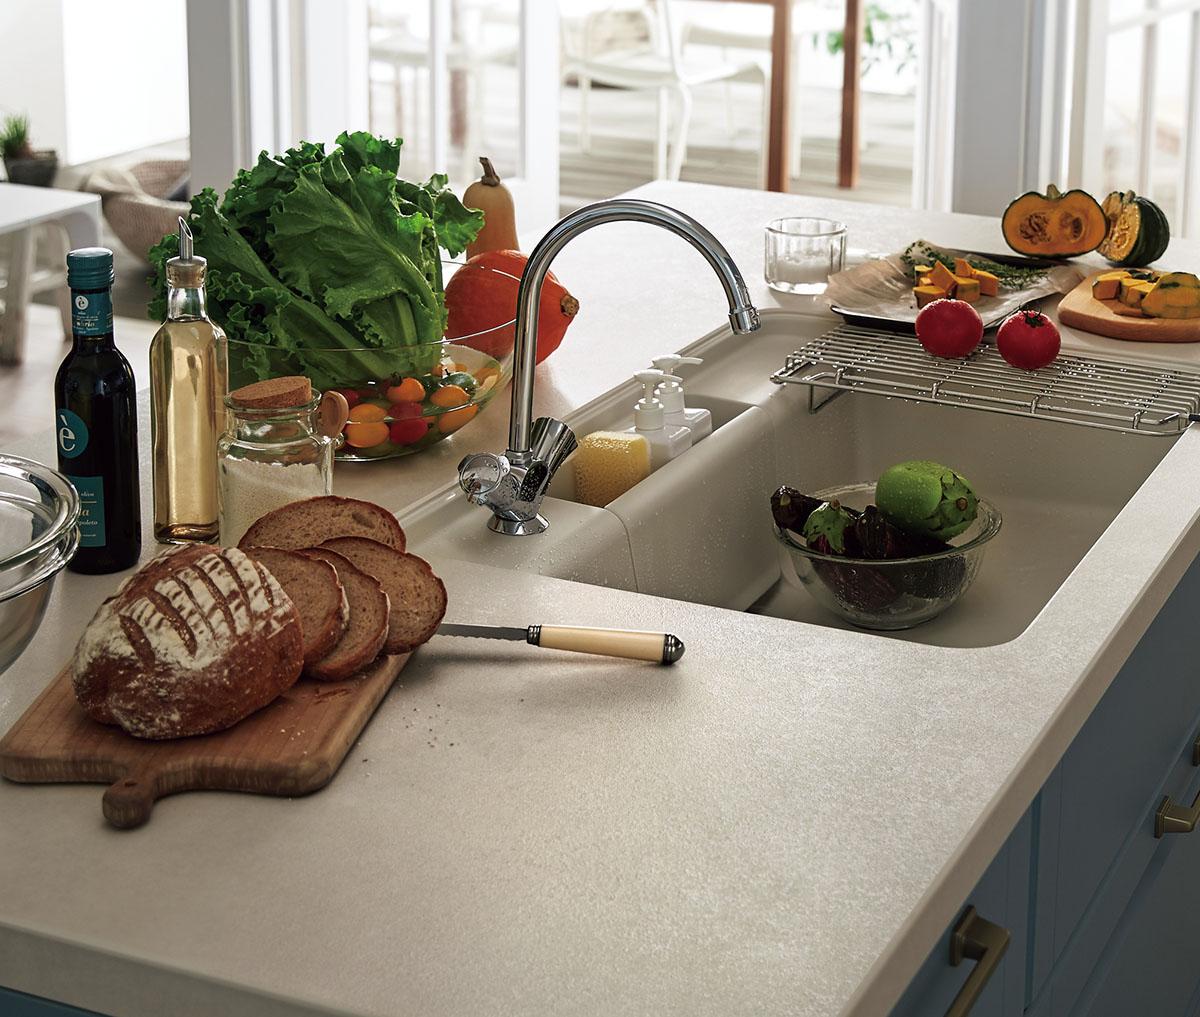 焼きものならではの味わい深い表情をキッチンにもたらす、セラミックのワークトップ。